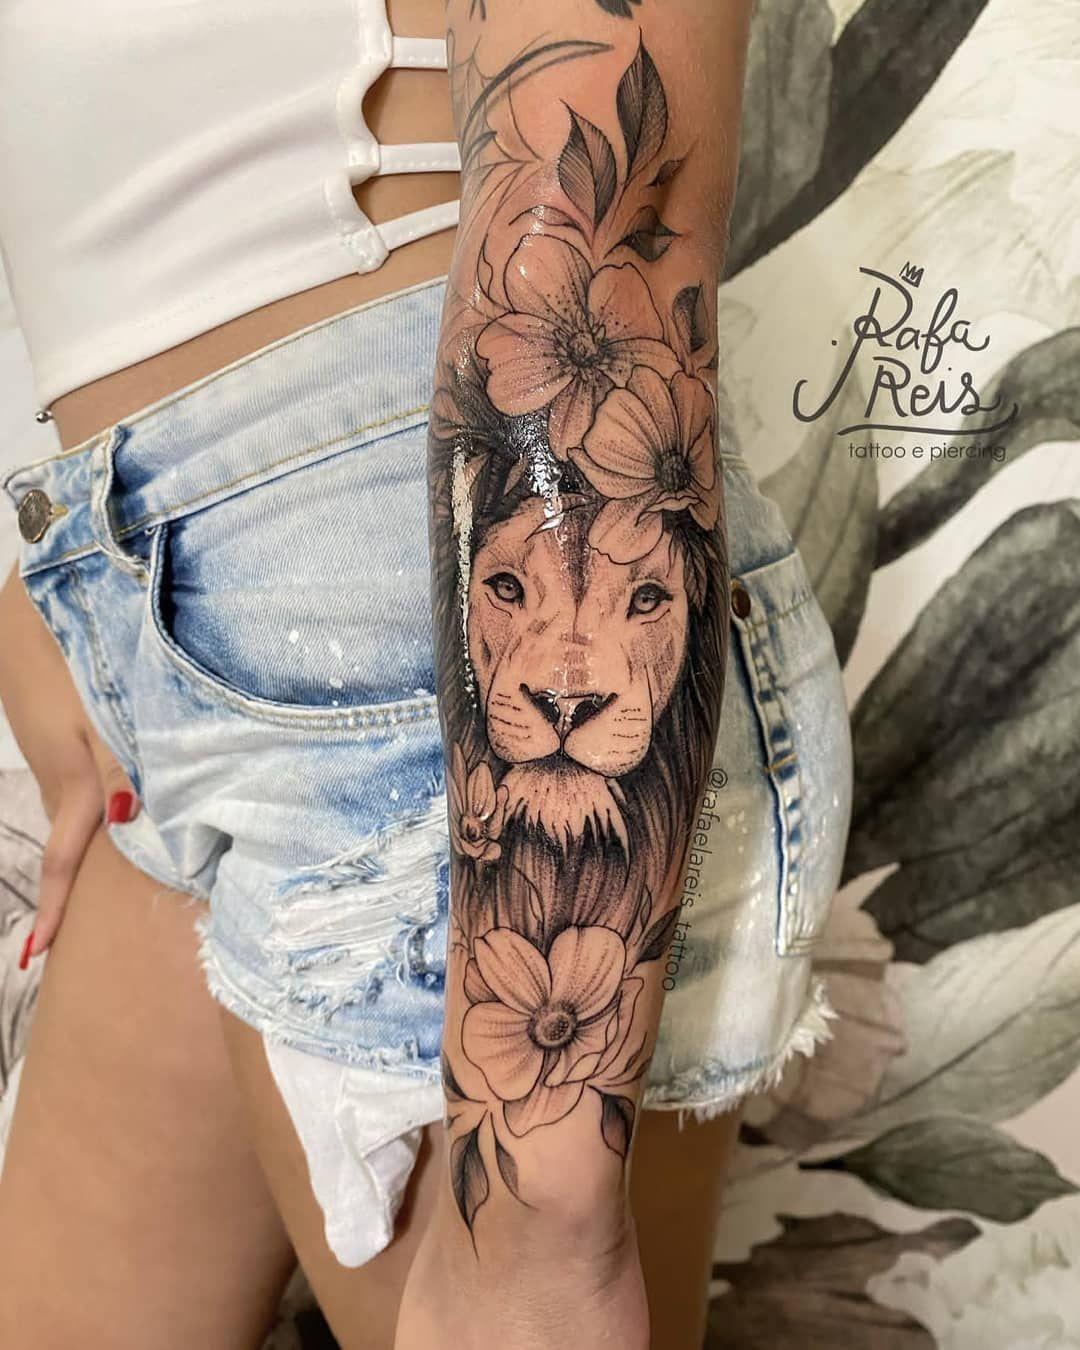 """@tattoo4em on Instagram: """"🖤 Follow @tattoo4em ⚊⚊⚊⚊⚊⚊⚊⚊⚊⚊⚊⚊⚊⚊⚊⚊⚊ #inkedtattoo #tattooedgirls #tattoo #tattoos #inked #artoftattoos #fitnesstat #tattooedgirl #ink…"""""""